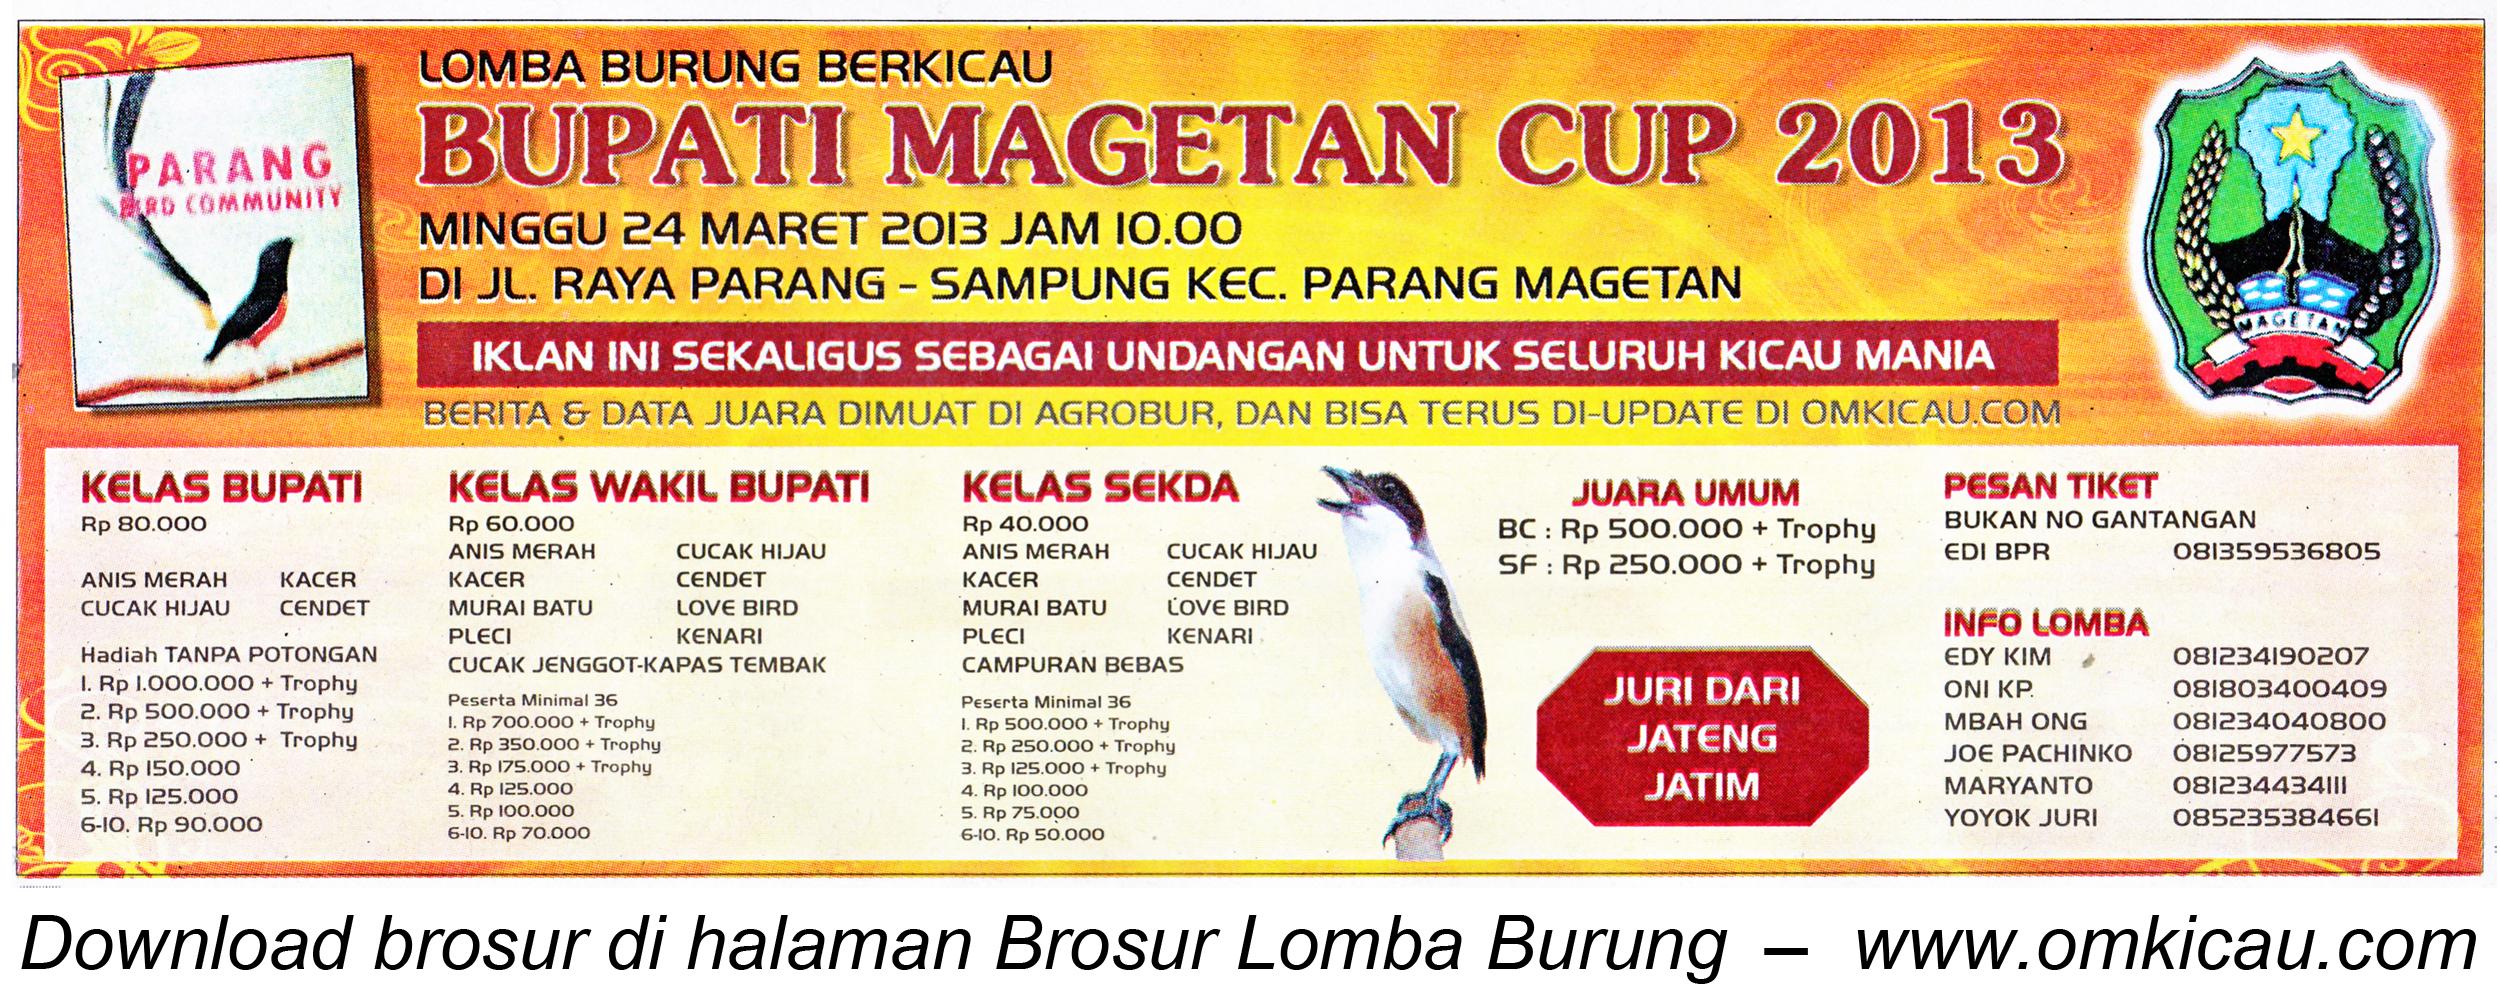 Brosur Lomba Burung Bupati Magetan Cup